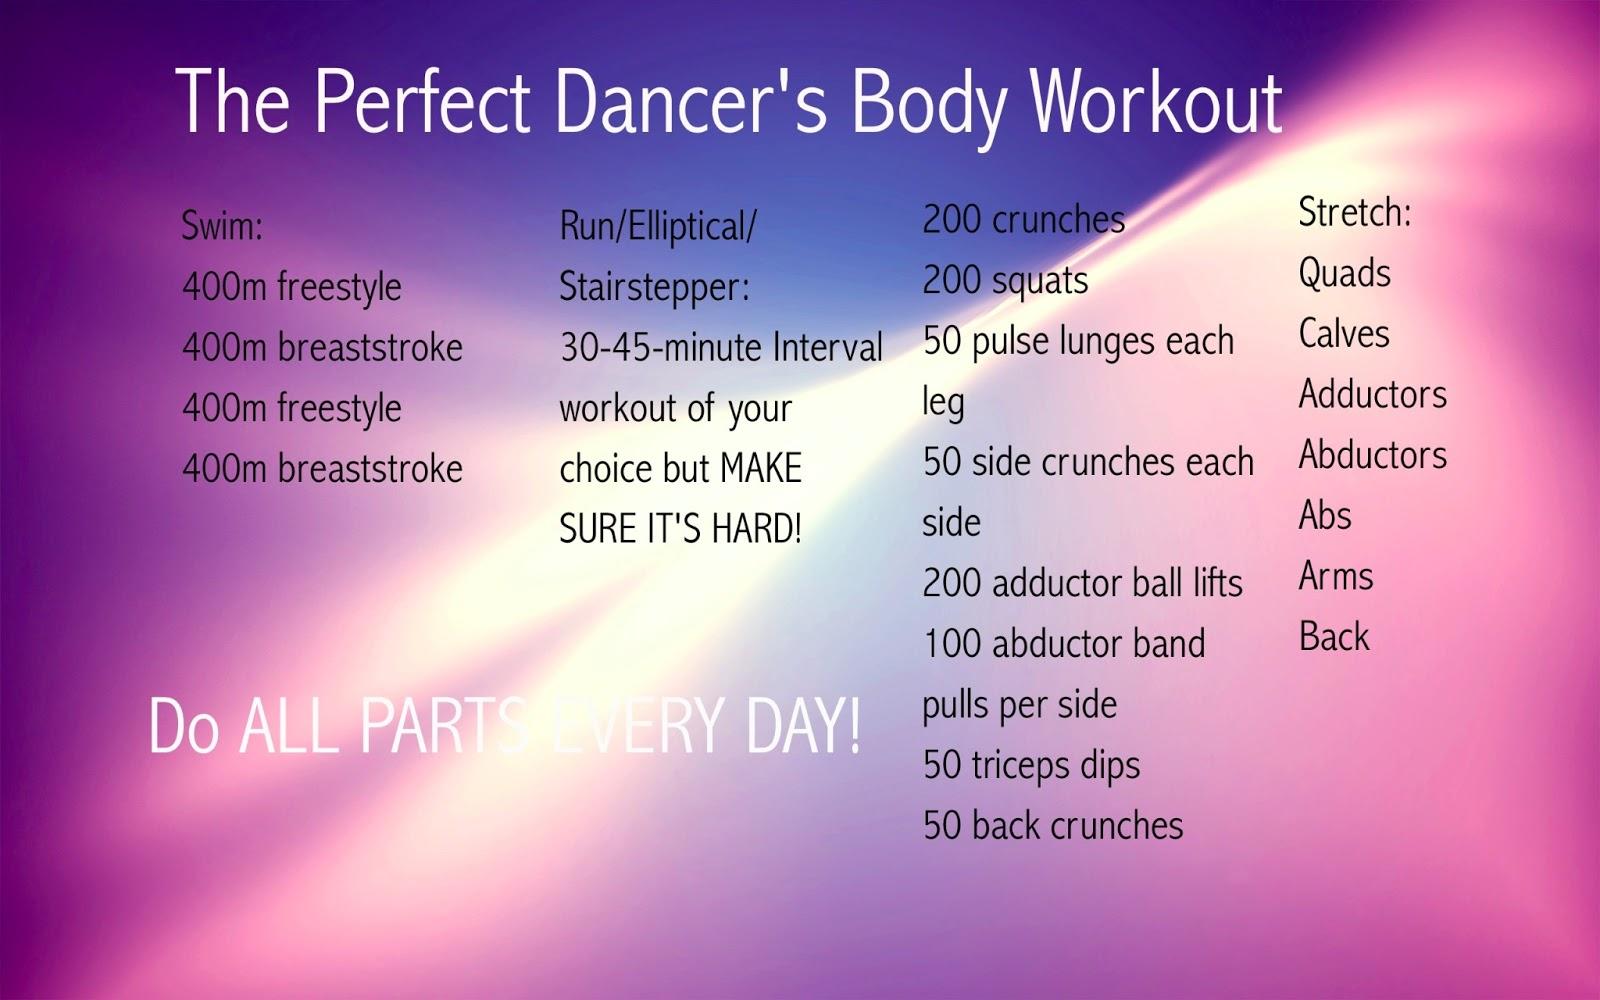 Pro-Ana International: Workouts